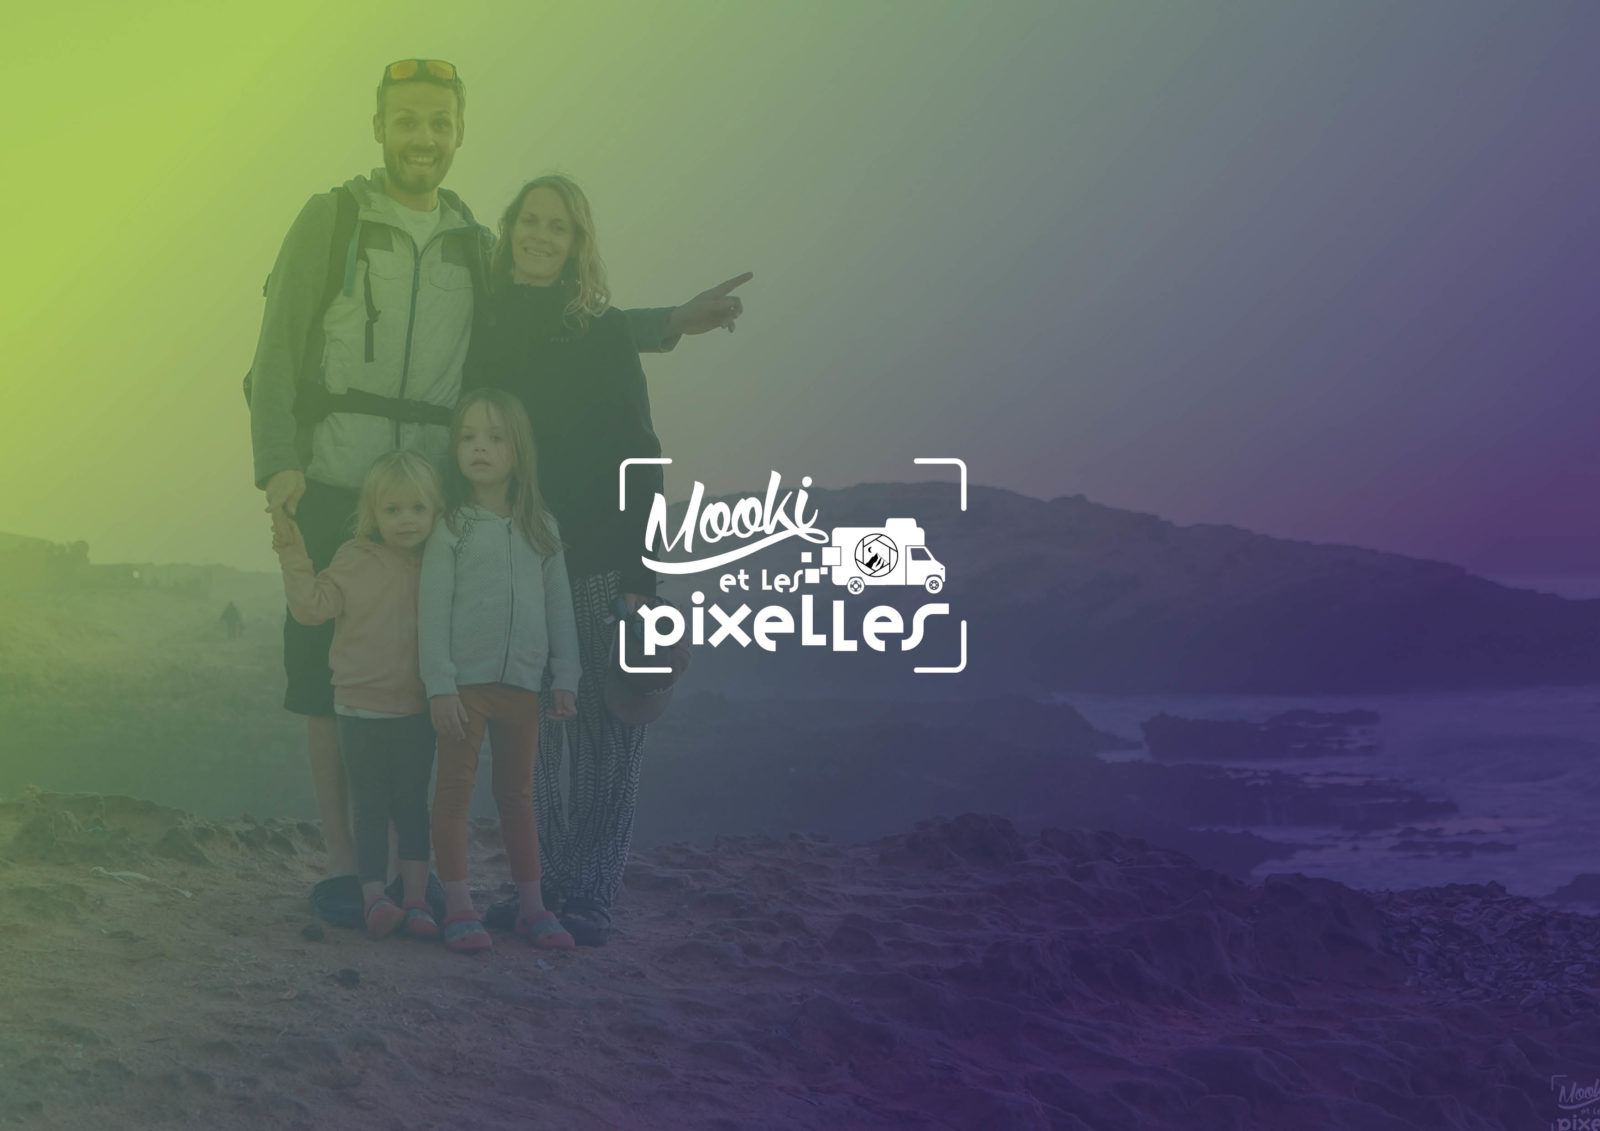 Création de logo pour un photographe de voyage | Mooki et les Pixelles